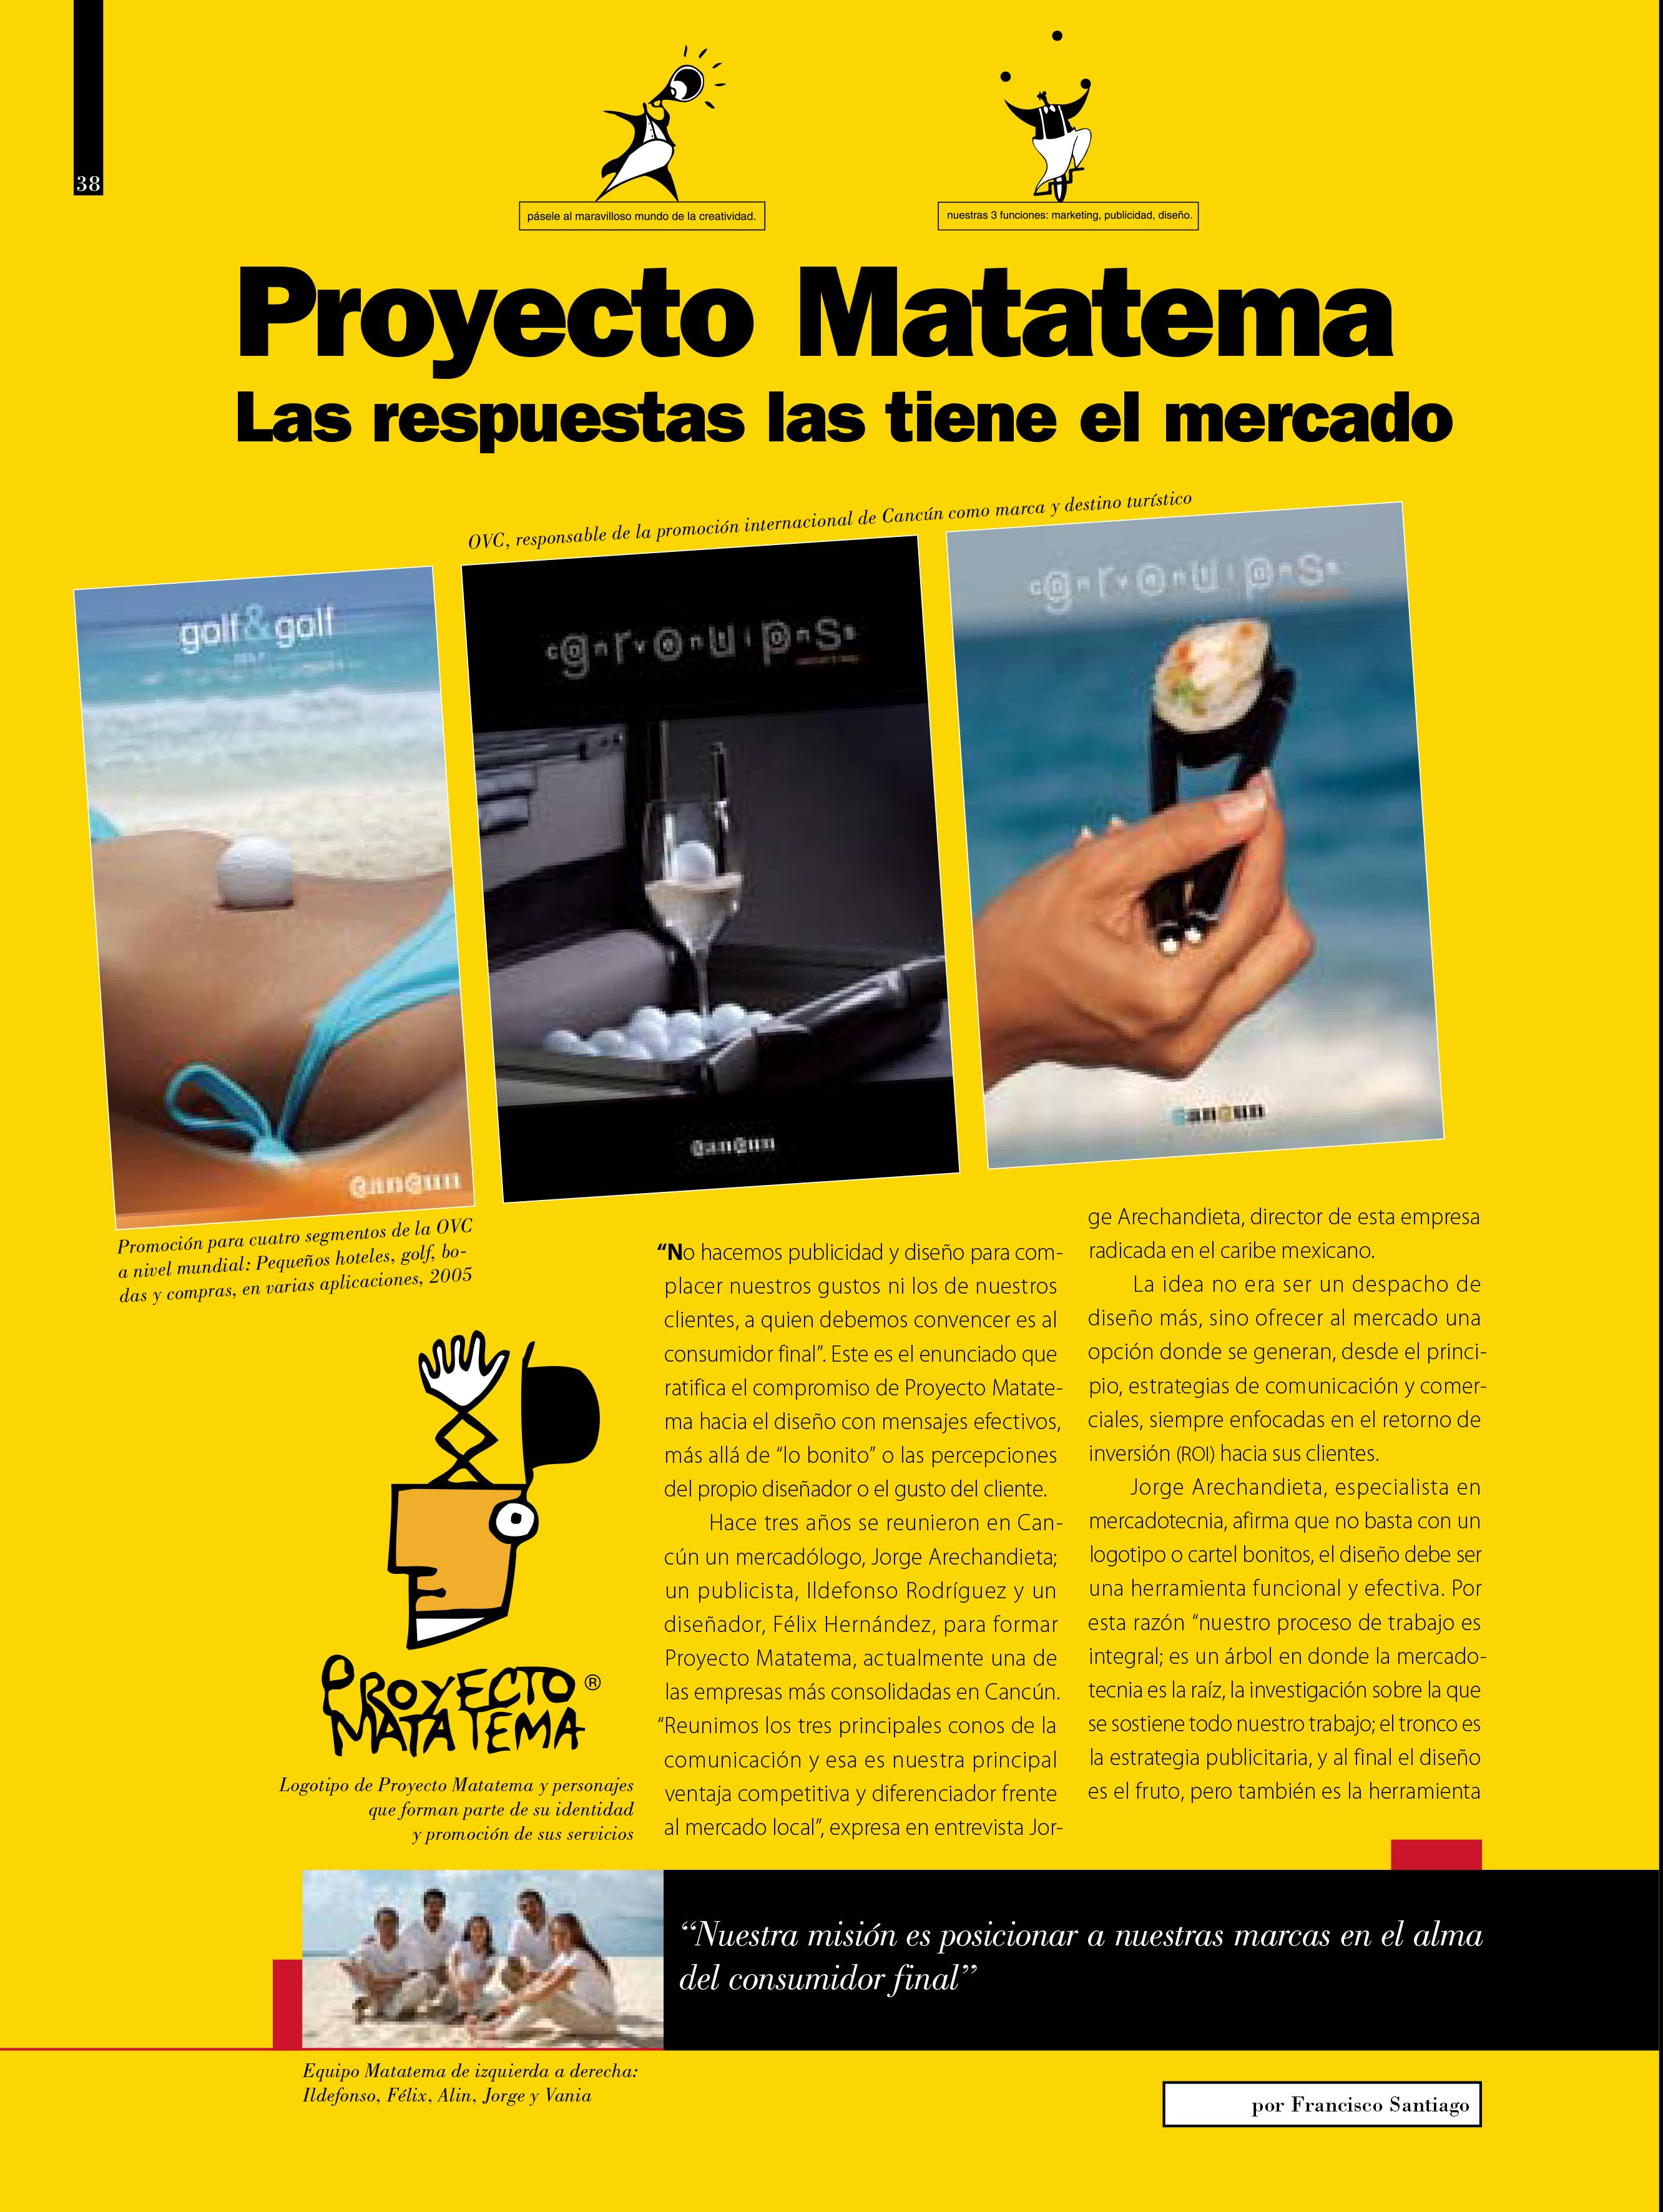 a! Diseño entrevista a Jorge Arechandieta 1